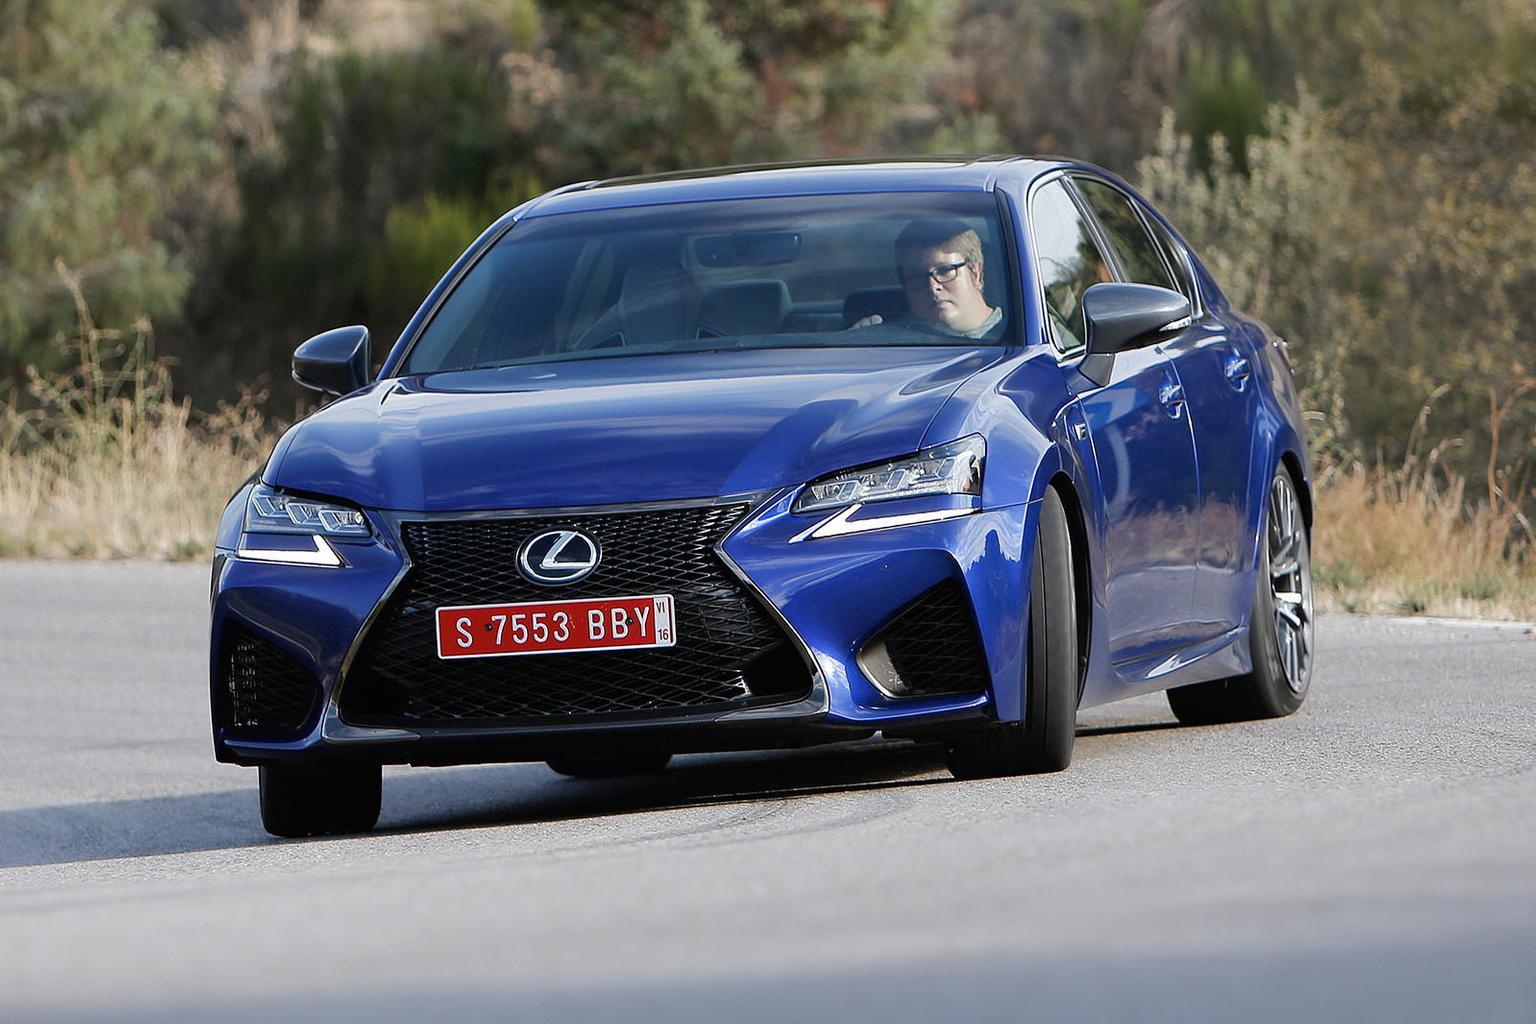 2015 Lexus GS F review